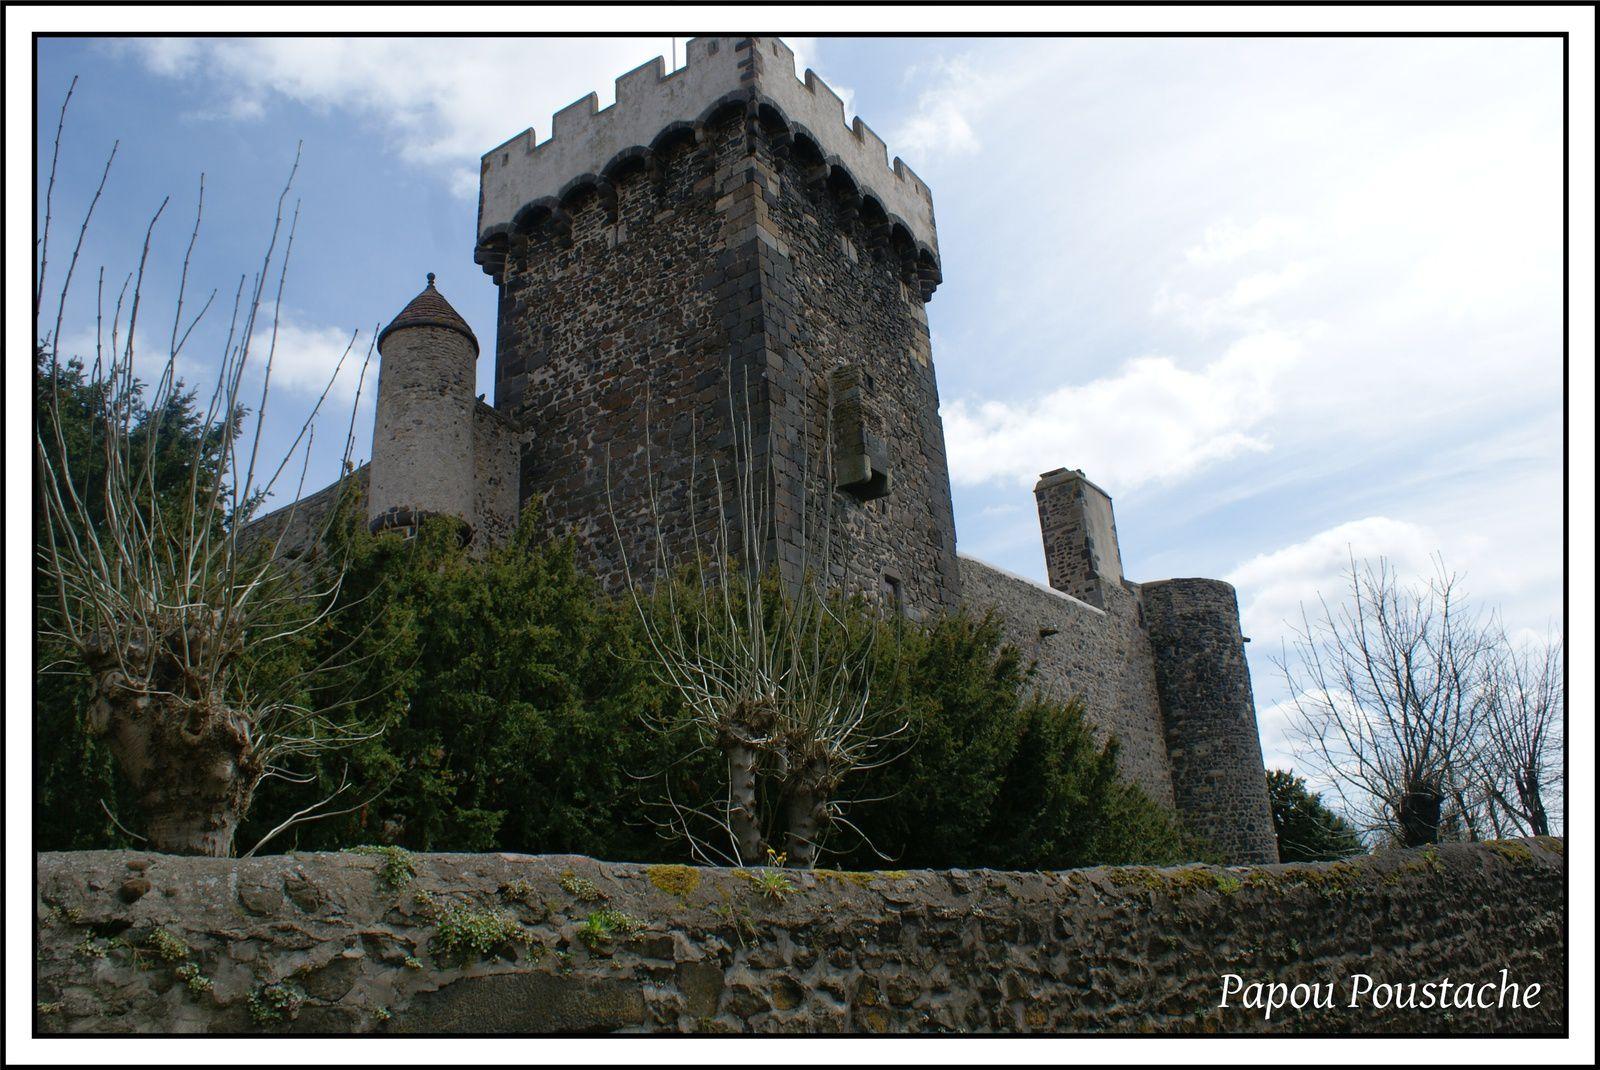 Patrimoine auvergnat:Le château d'Opme